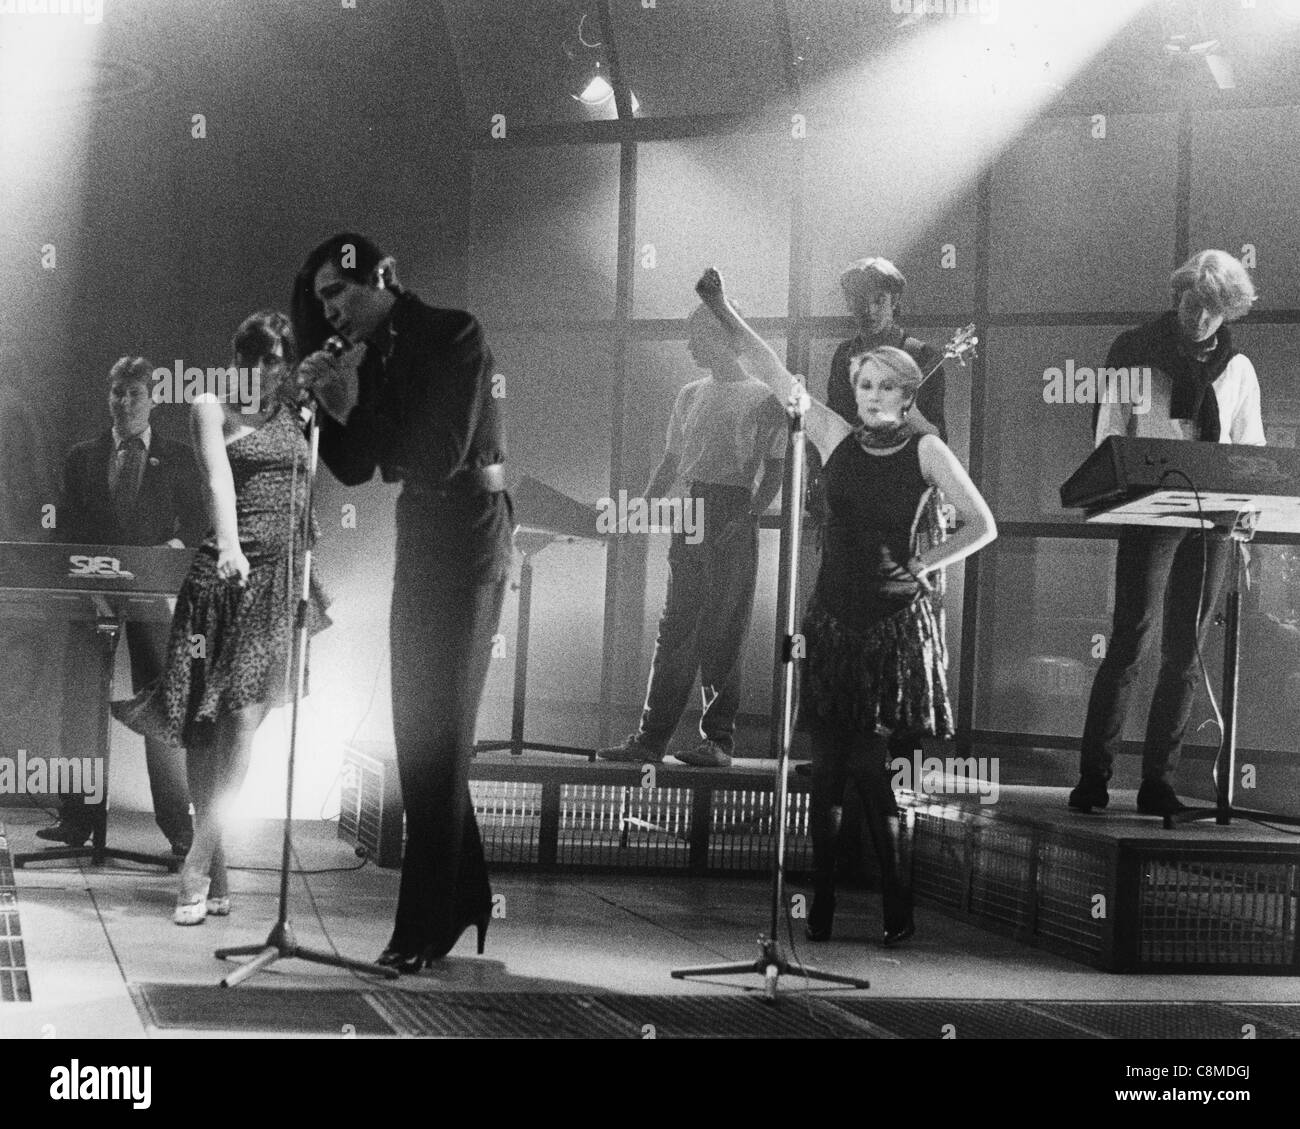 HUMAN LEAGUE  UK pop group in 1982. Photo Laurens van Houten - Stock Image